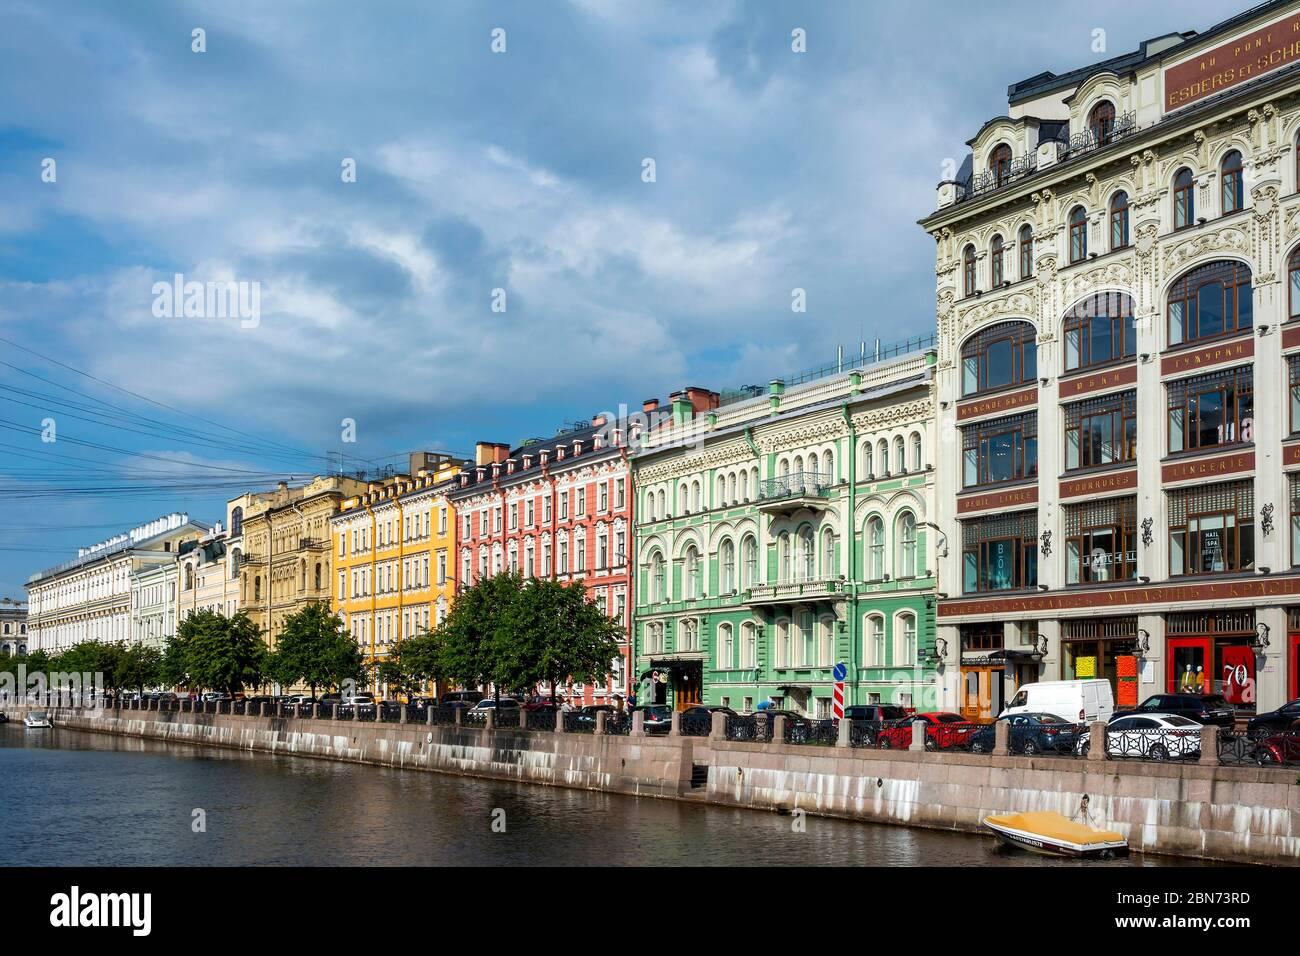 San Petersburgo, dique del río Moika en el puente rojo, paisaje urbano brillante Foto de stock